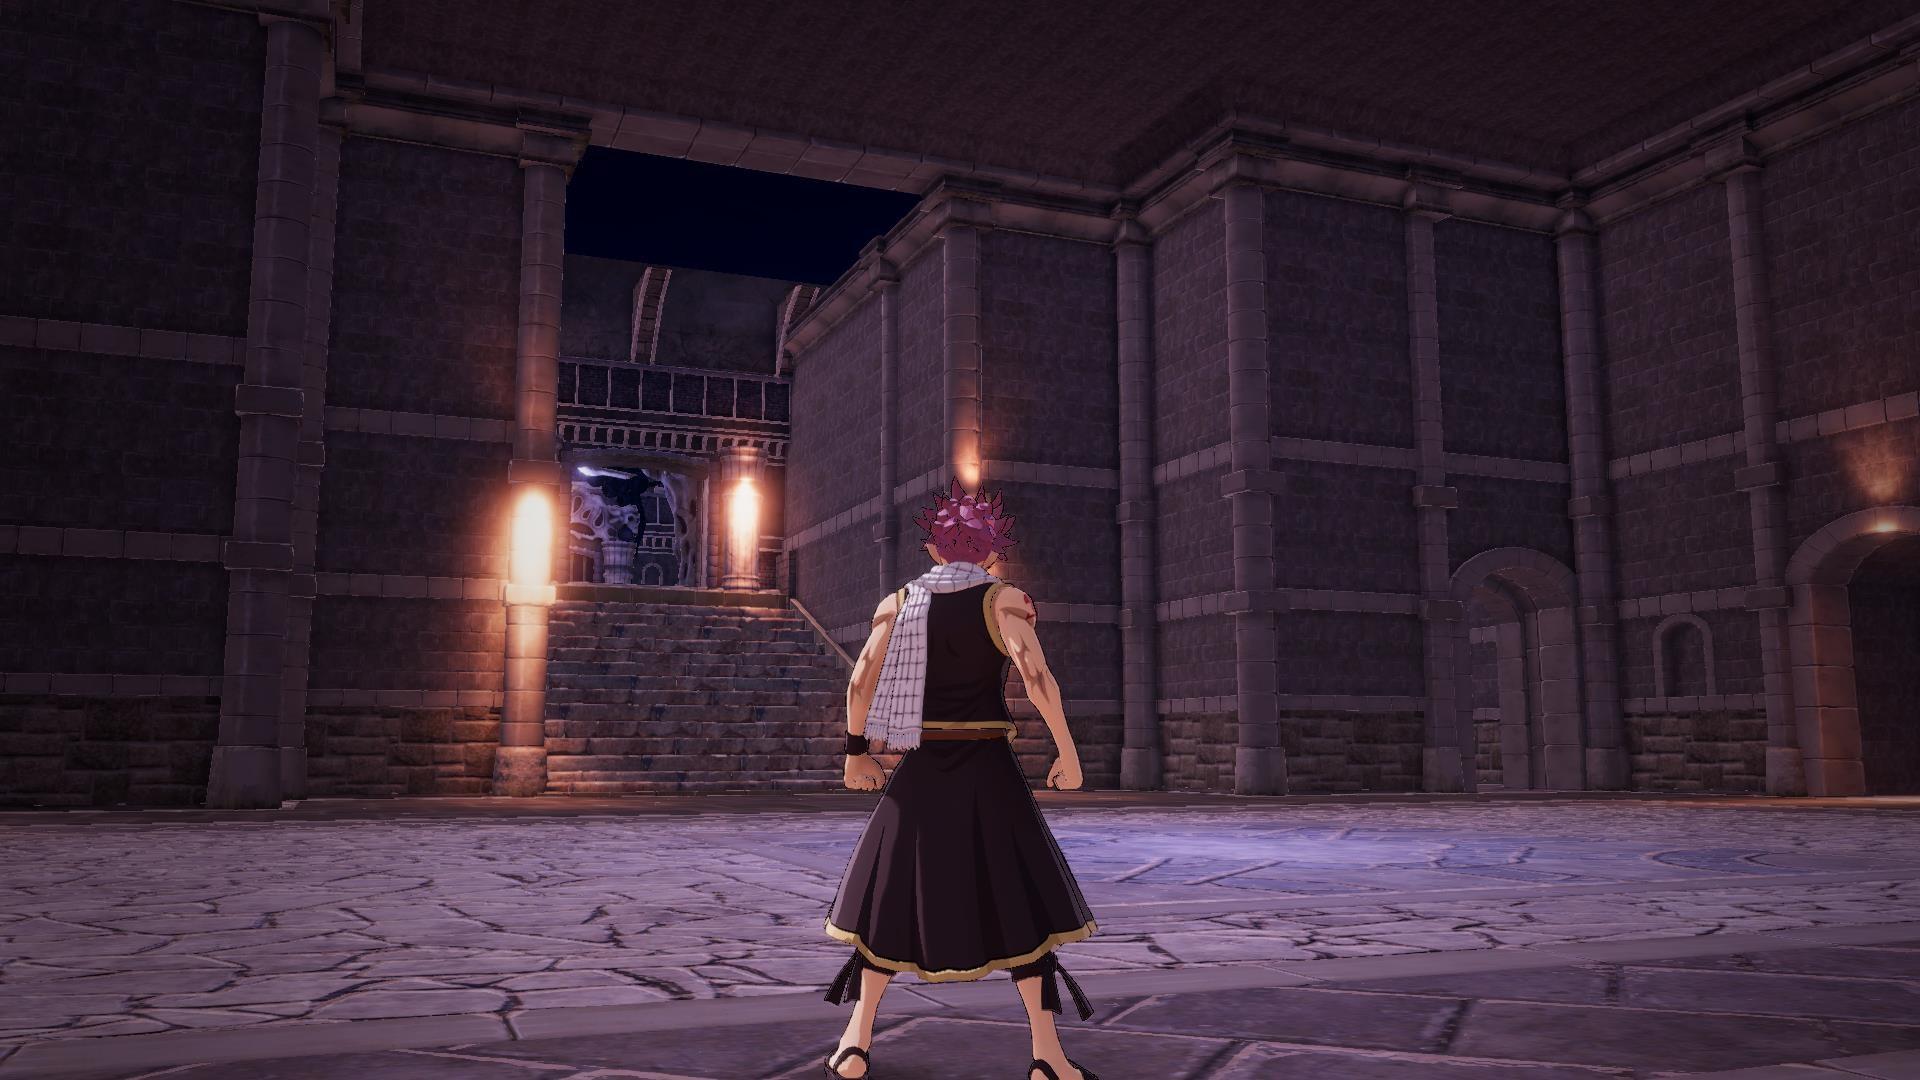 Análisis Fairy Tail videojuego